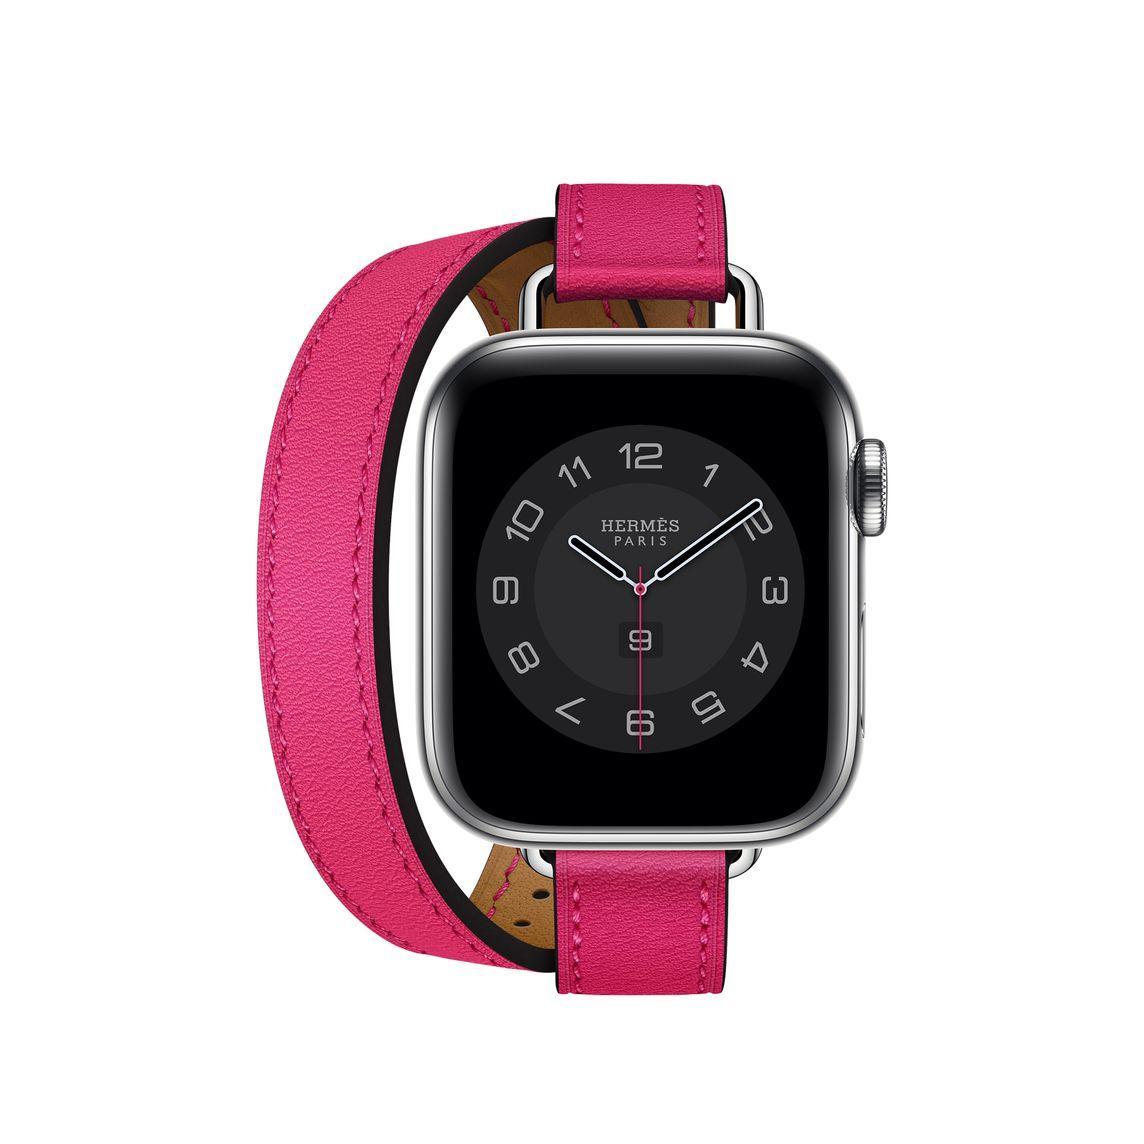 Apple Watch Hermès ヴォー・スウィフト アトラージュ・ドゥブルトゥールレザーストラップ